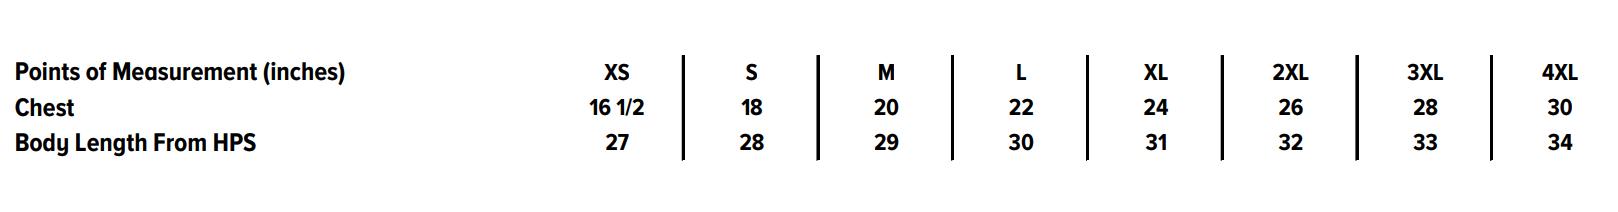 Sizing chart: